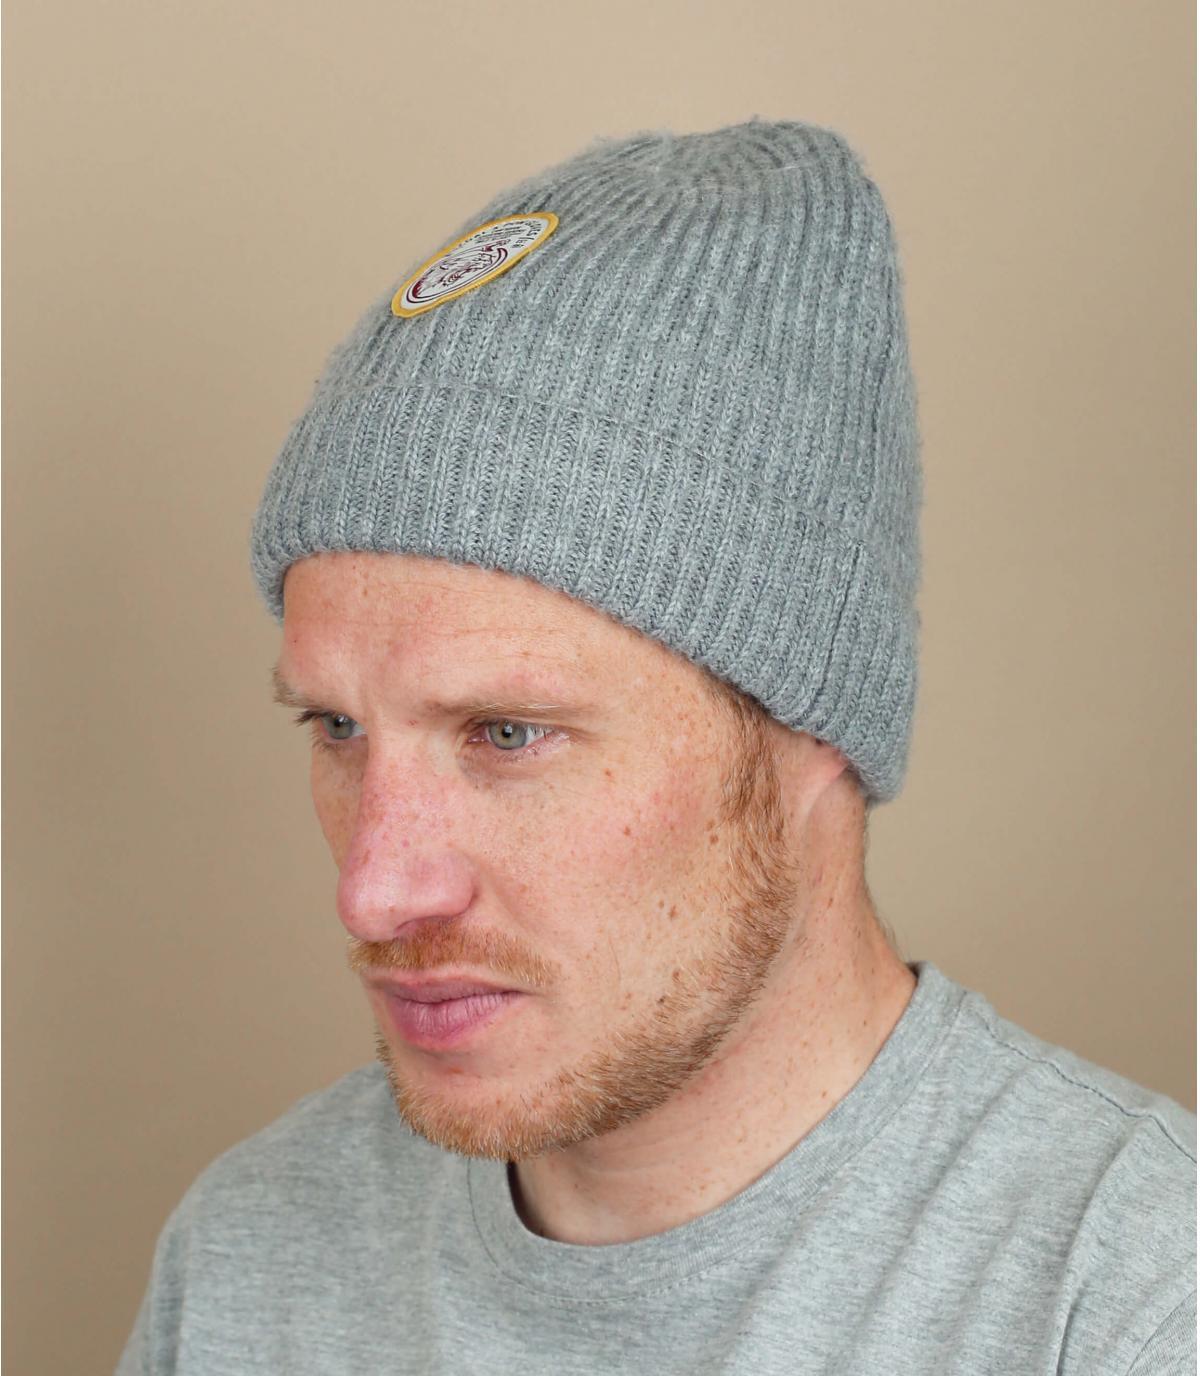 Kolen grijze revers hoed